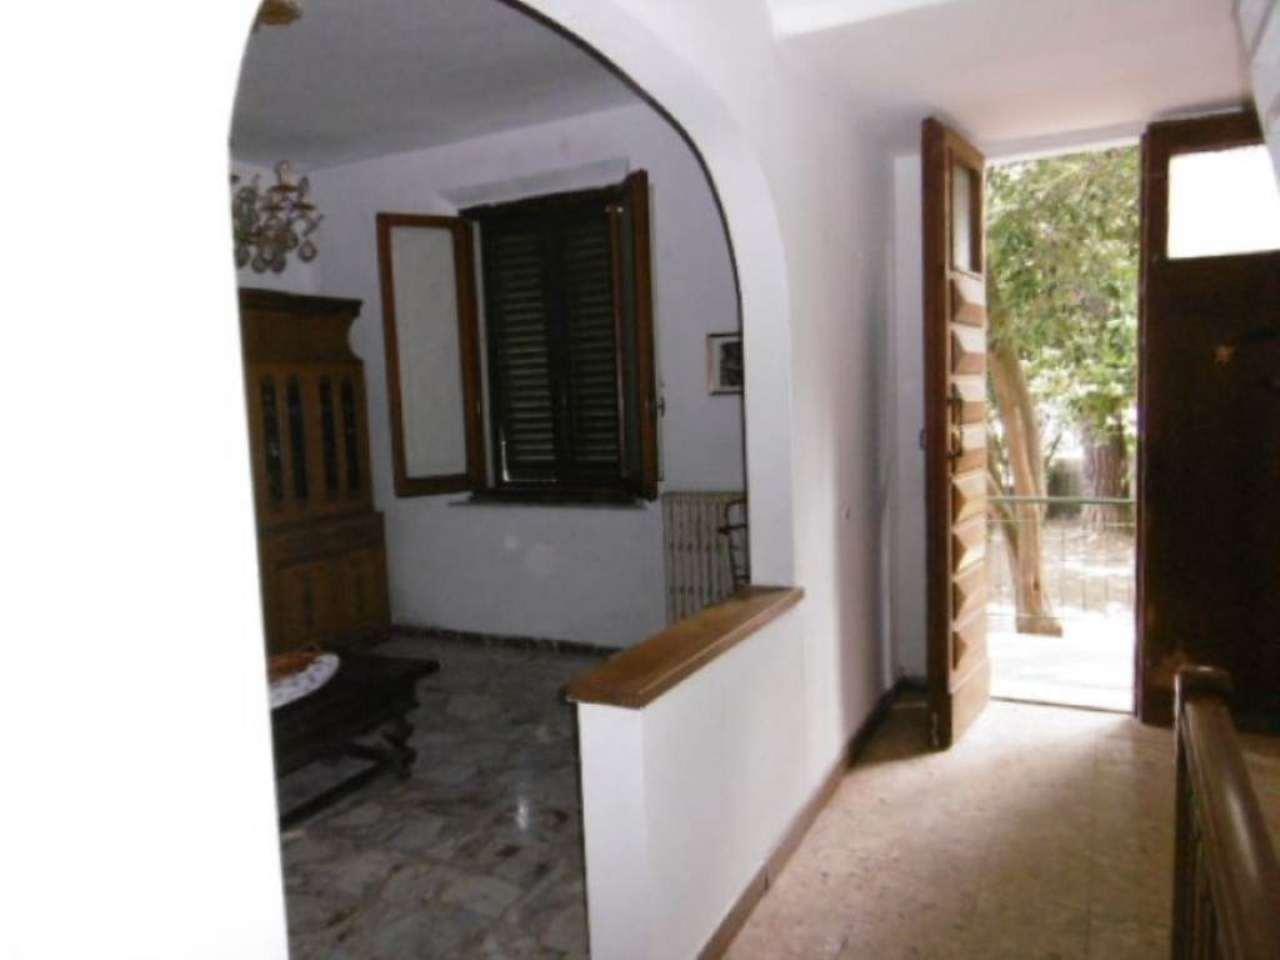 Palazzo / Stabile in vendita a Empoli, 5 locali, prezzo € 250.000   Cambio Casa.it